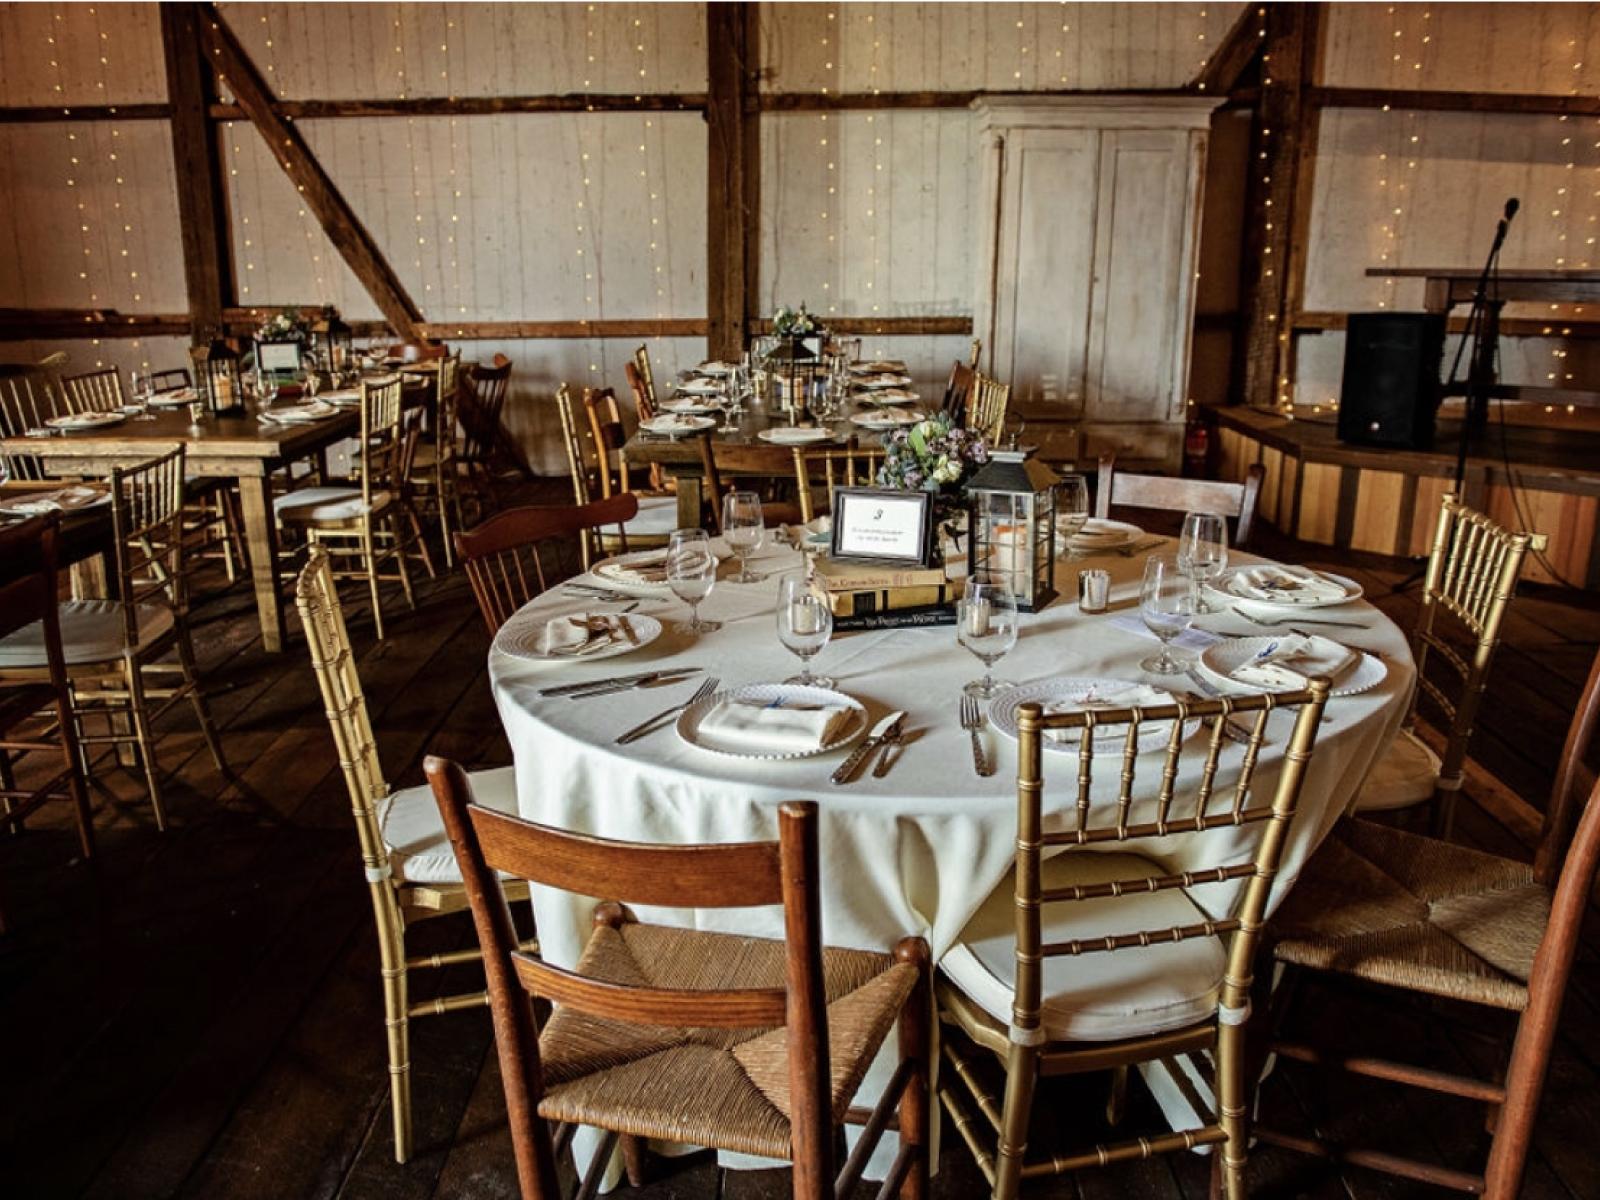 faith like a mustard seed farm website image